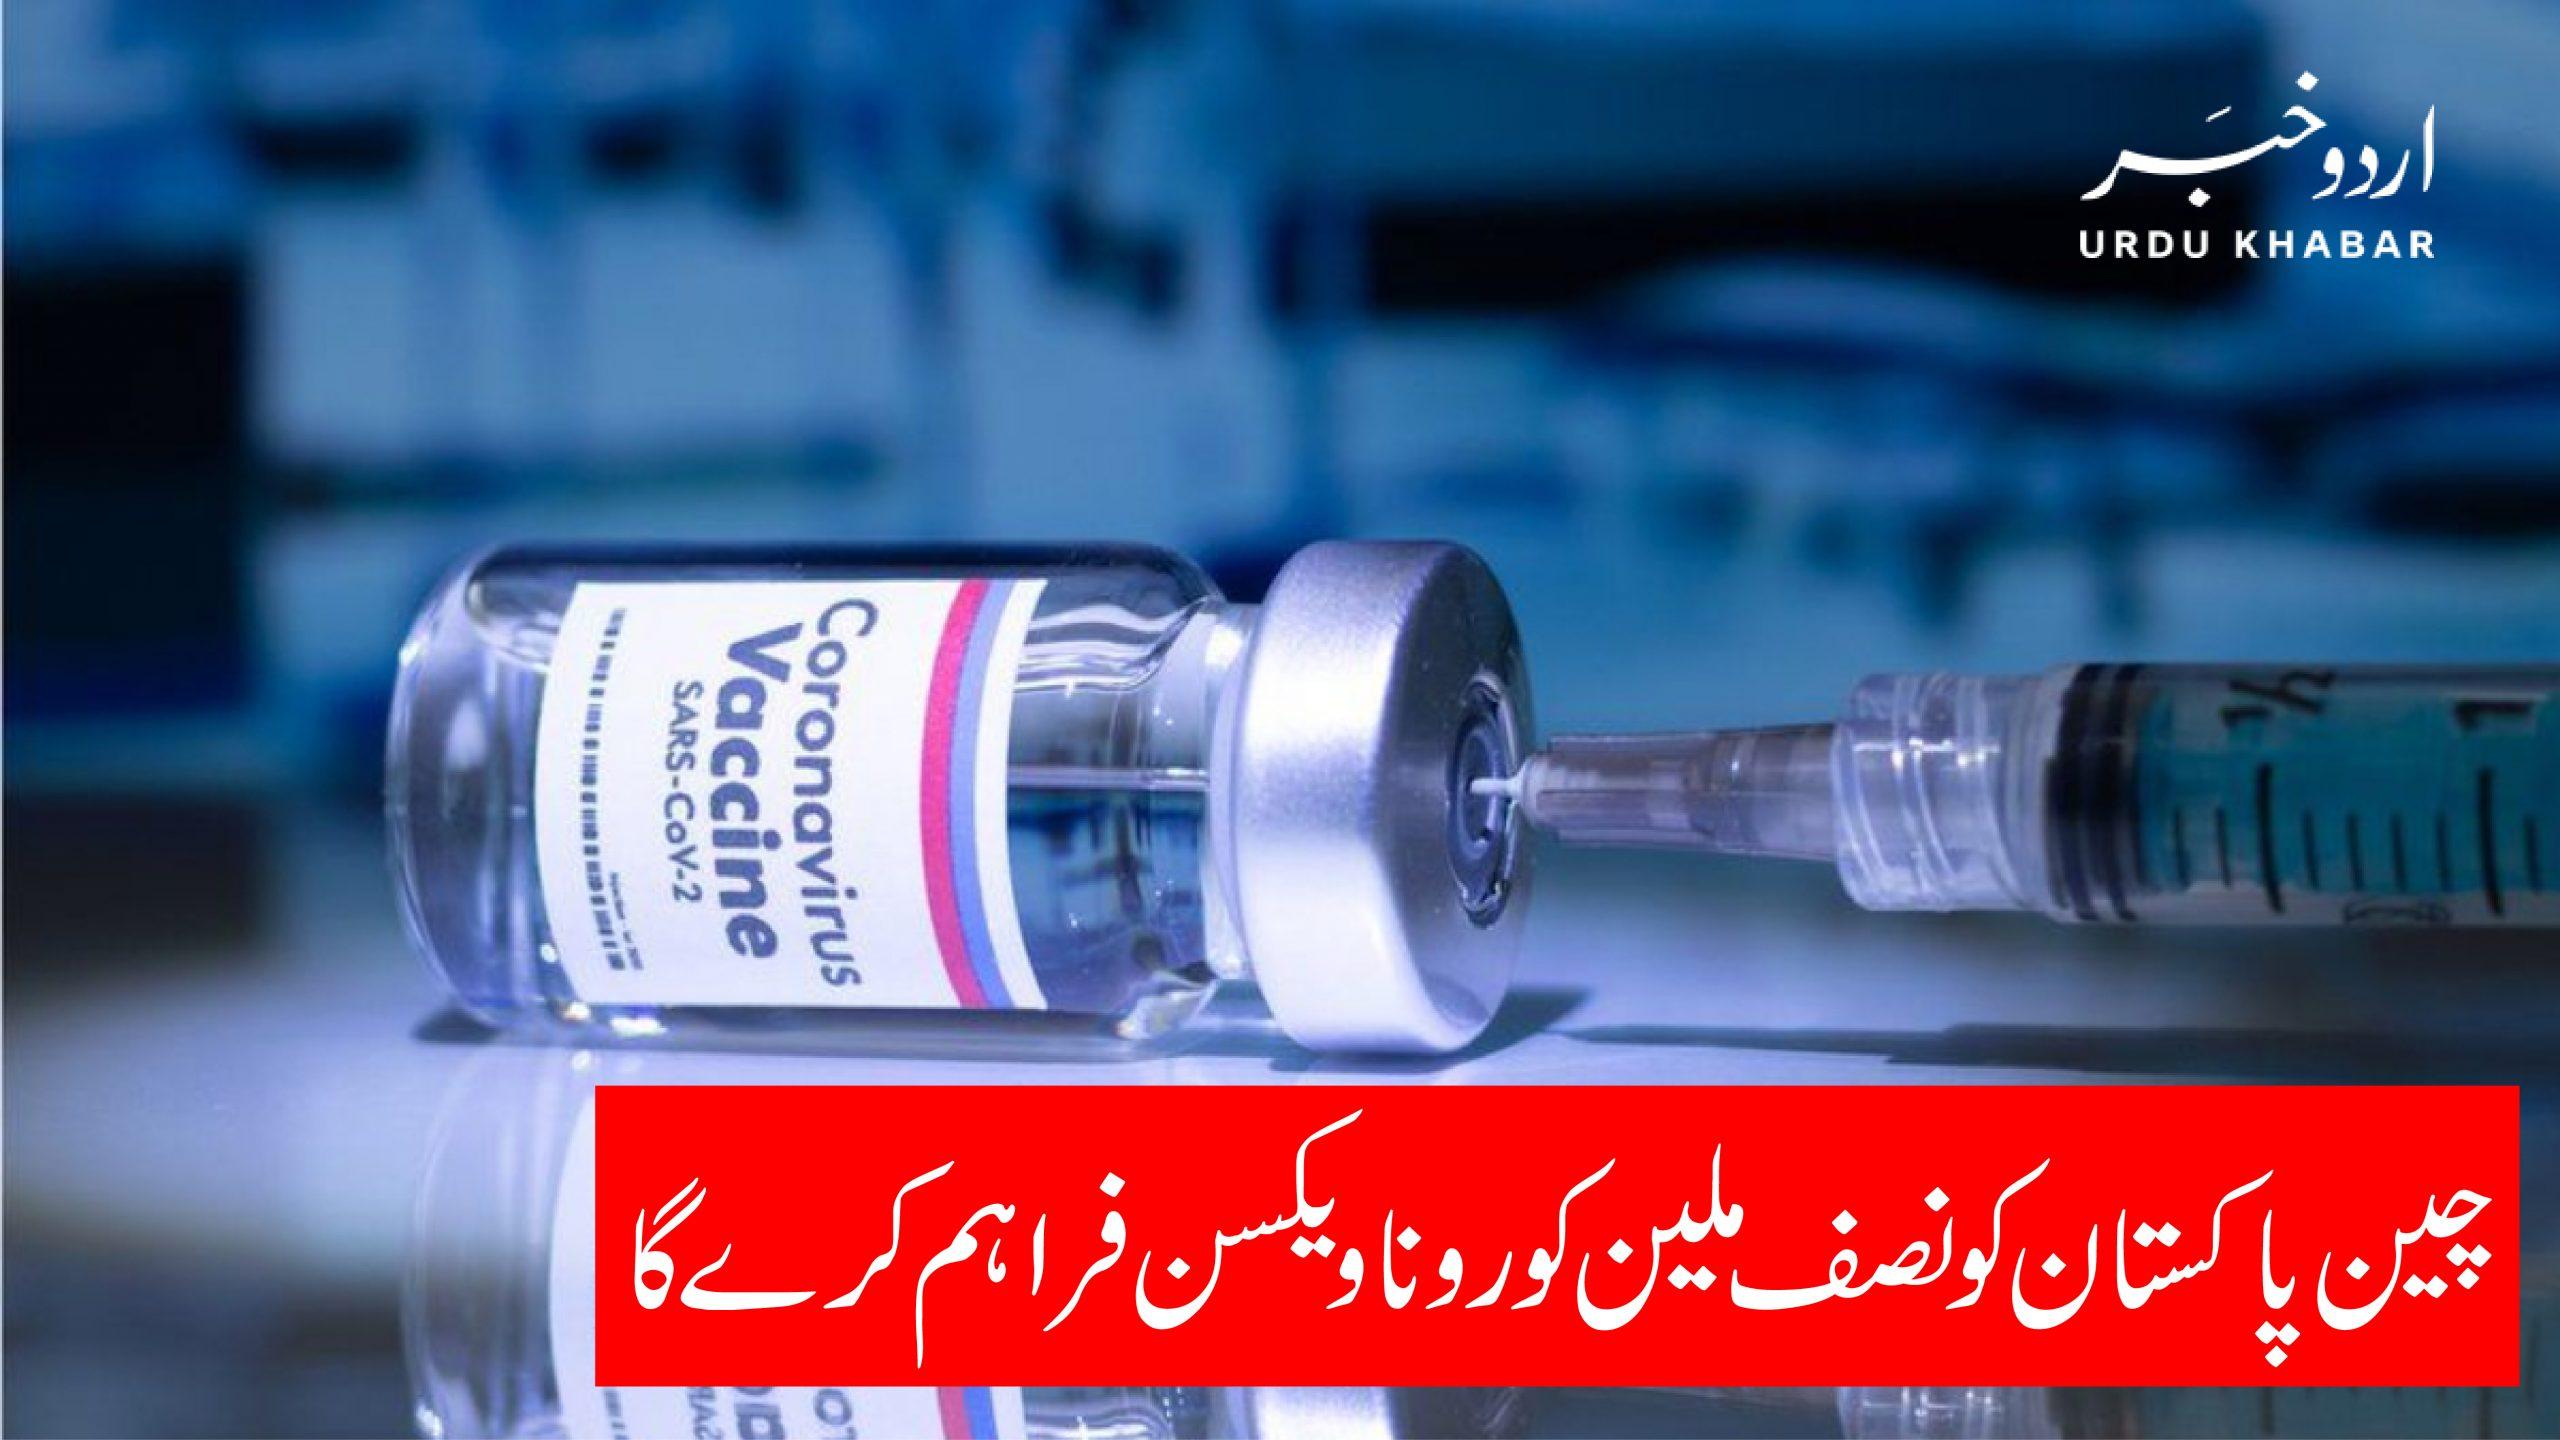 چین پاکستان کو نصف ملین کورونا ویکسن فراہم کرے گا